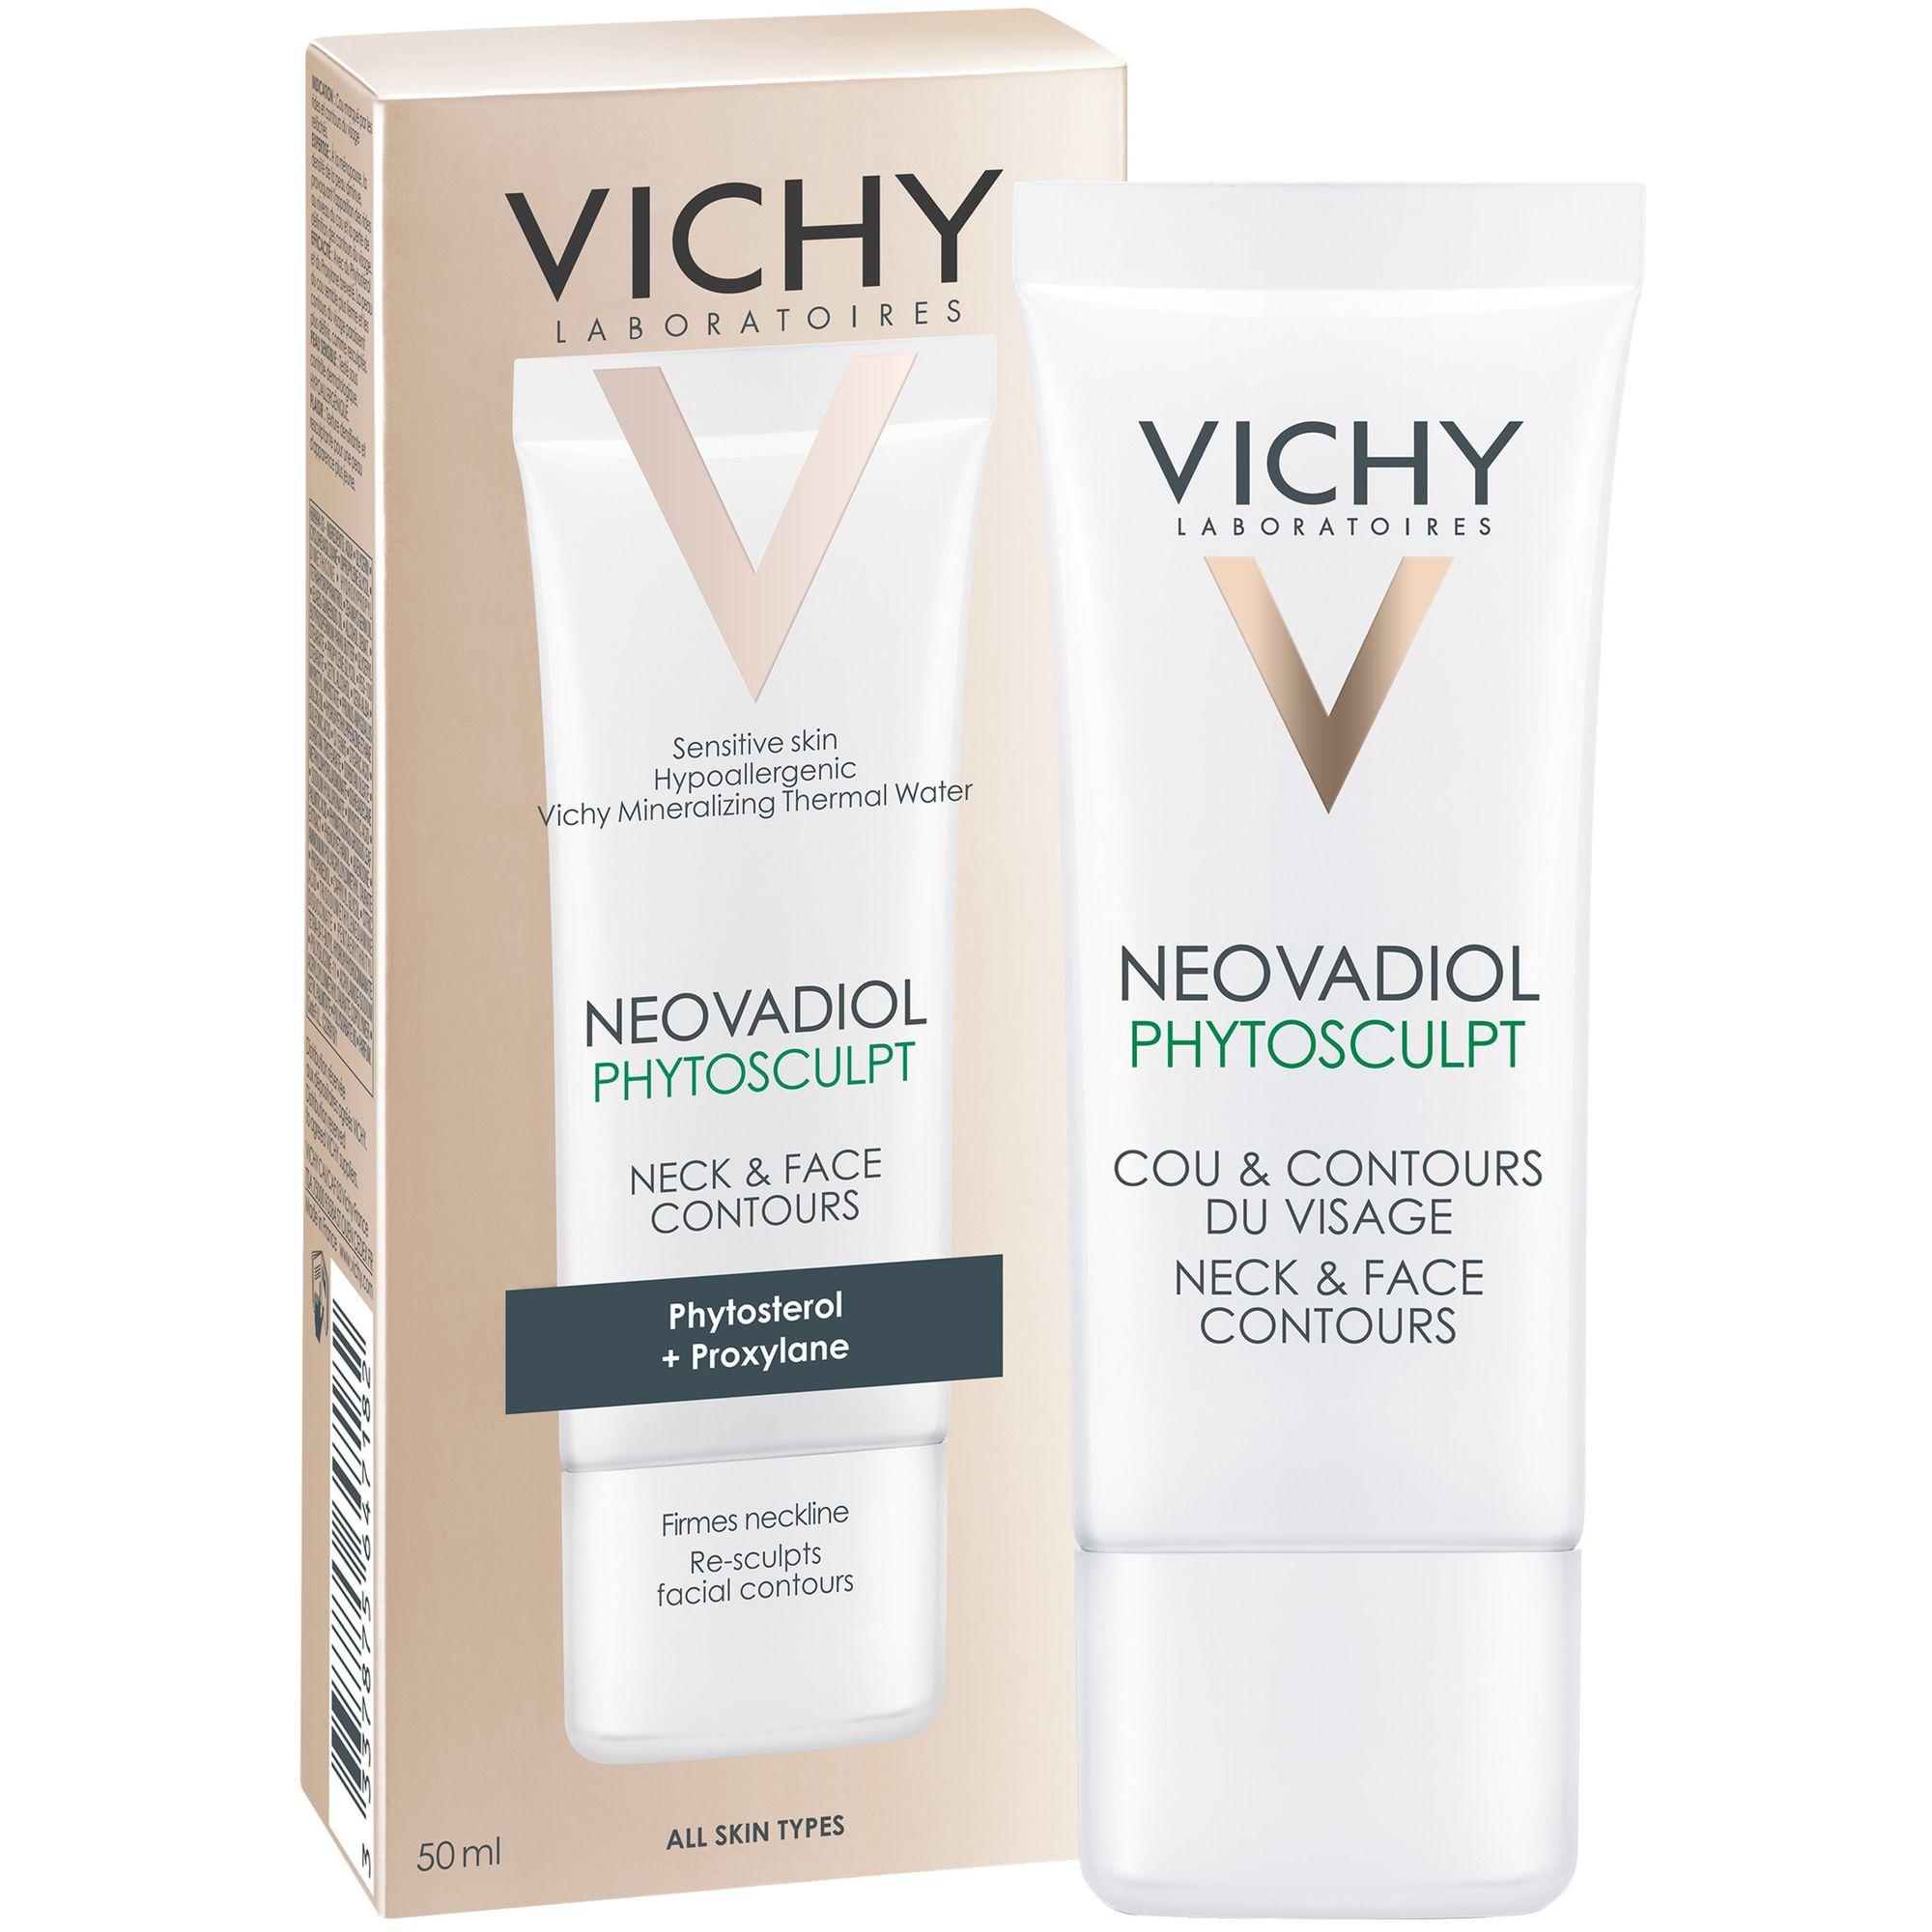 фото упаковки Vichy Neovadiol Phytosculpt крем для зоны шеи, декольте и овала лица